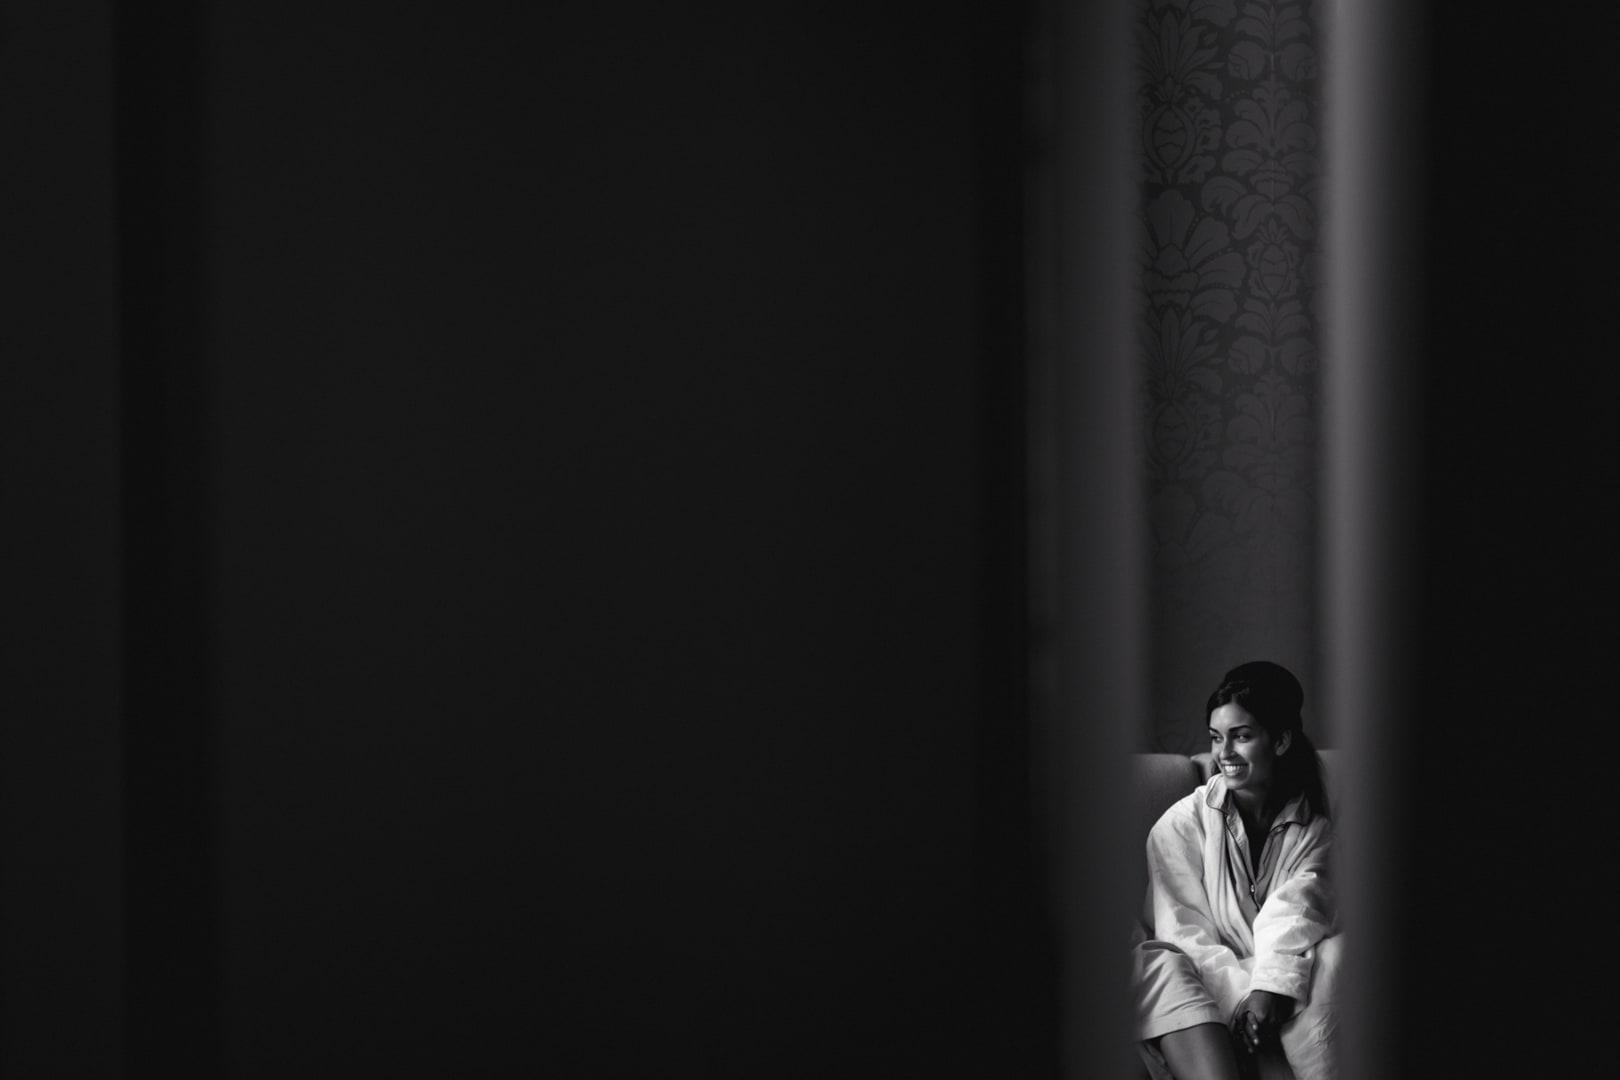 règles de composition et espace négatif, photo noir et blanc